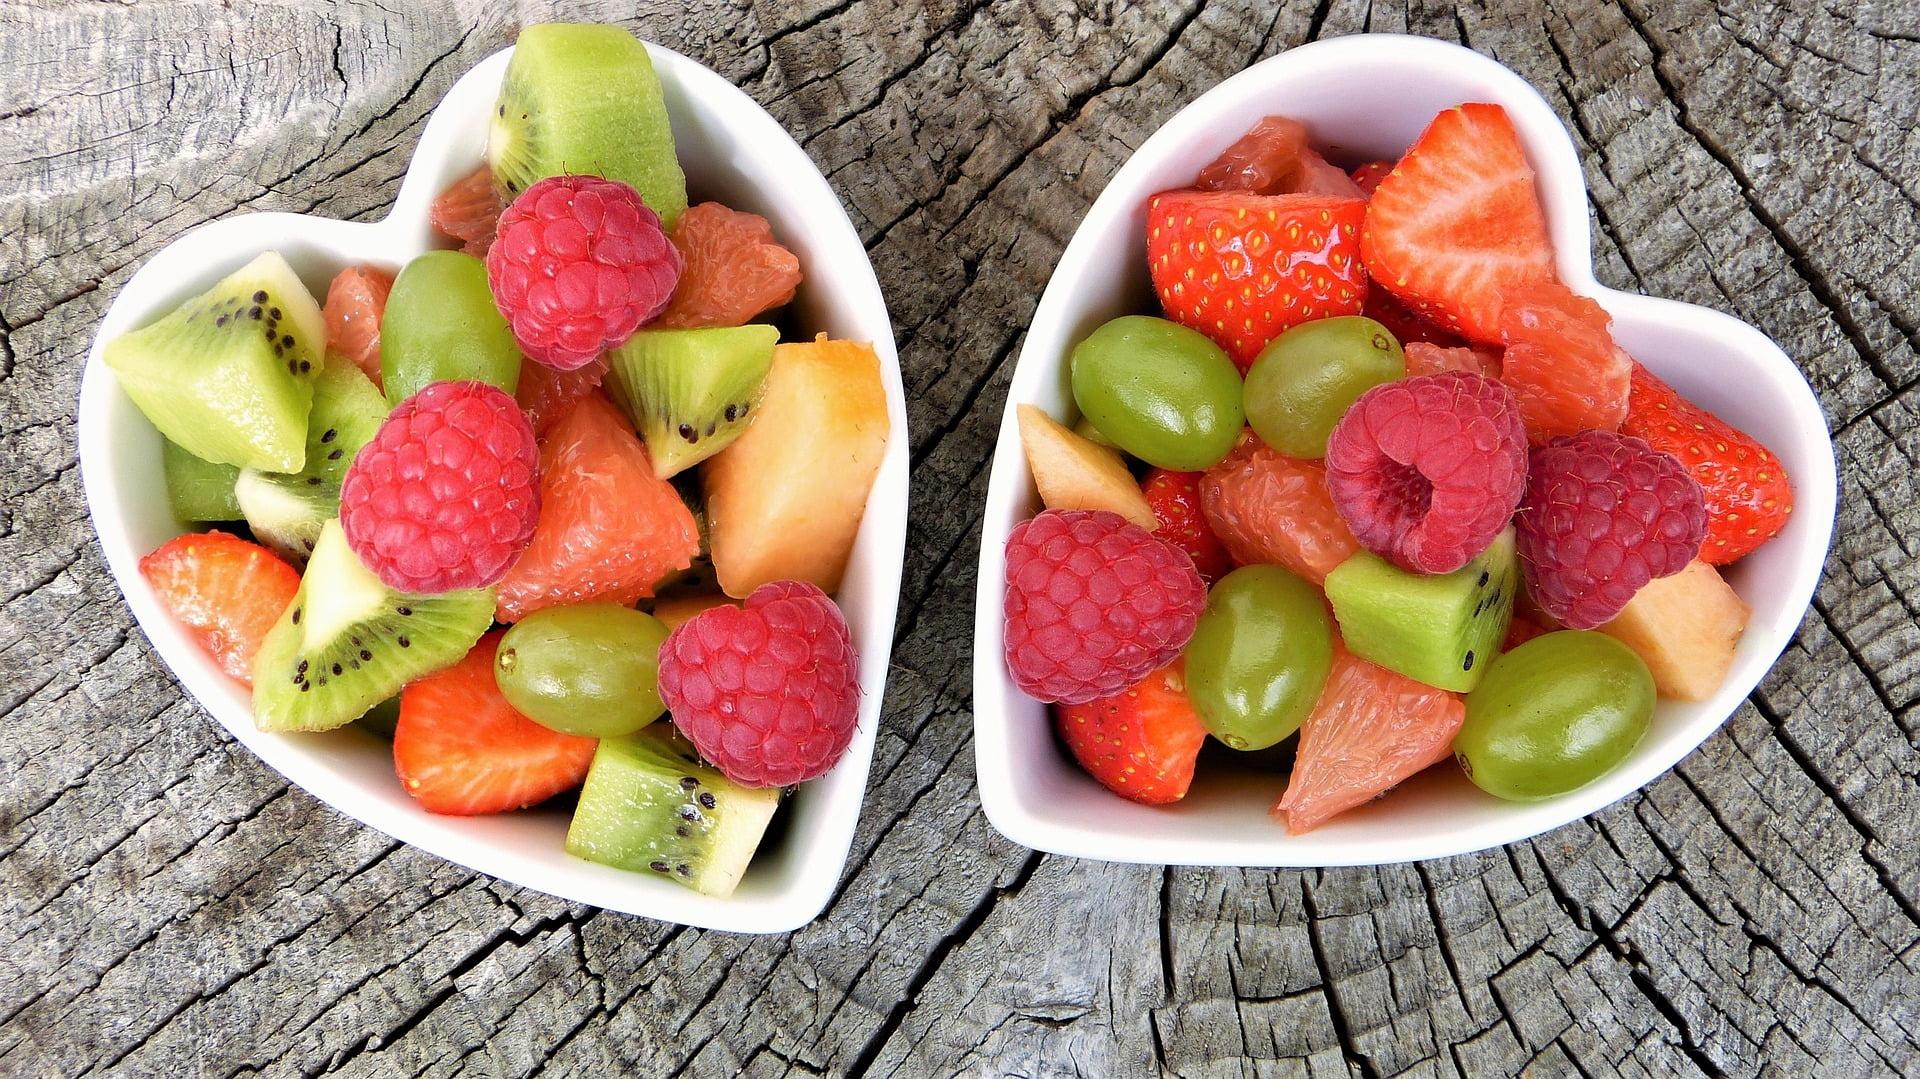 Alimentación saludable | Clínica de medicina y nutrición en Albacete